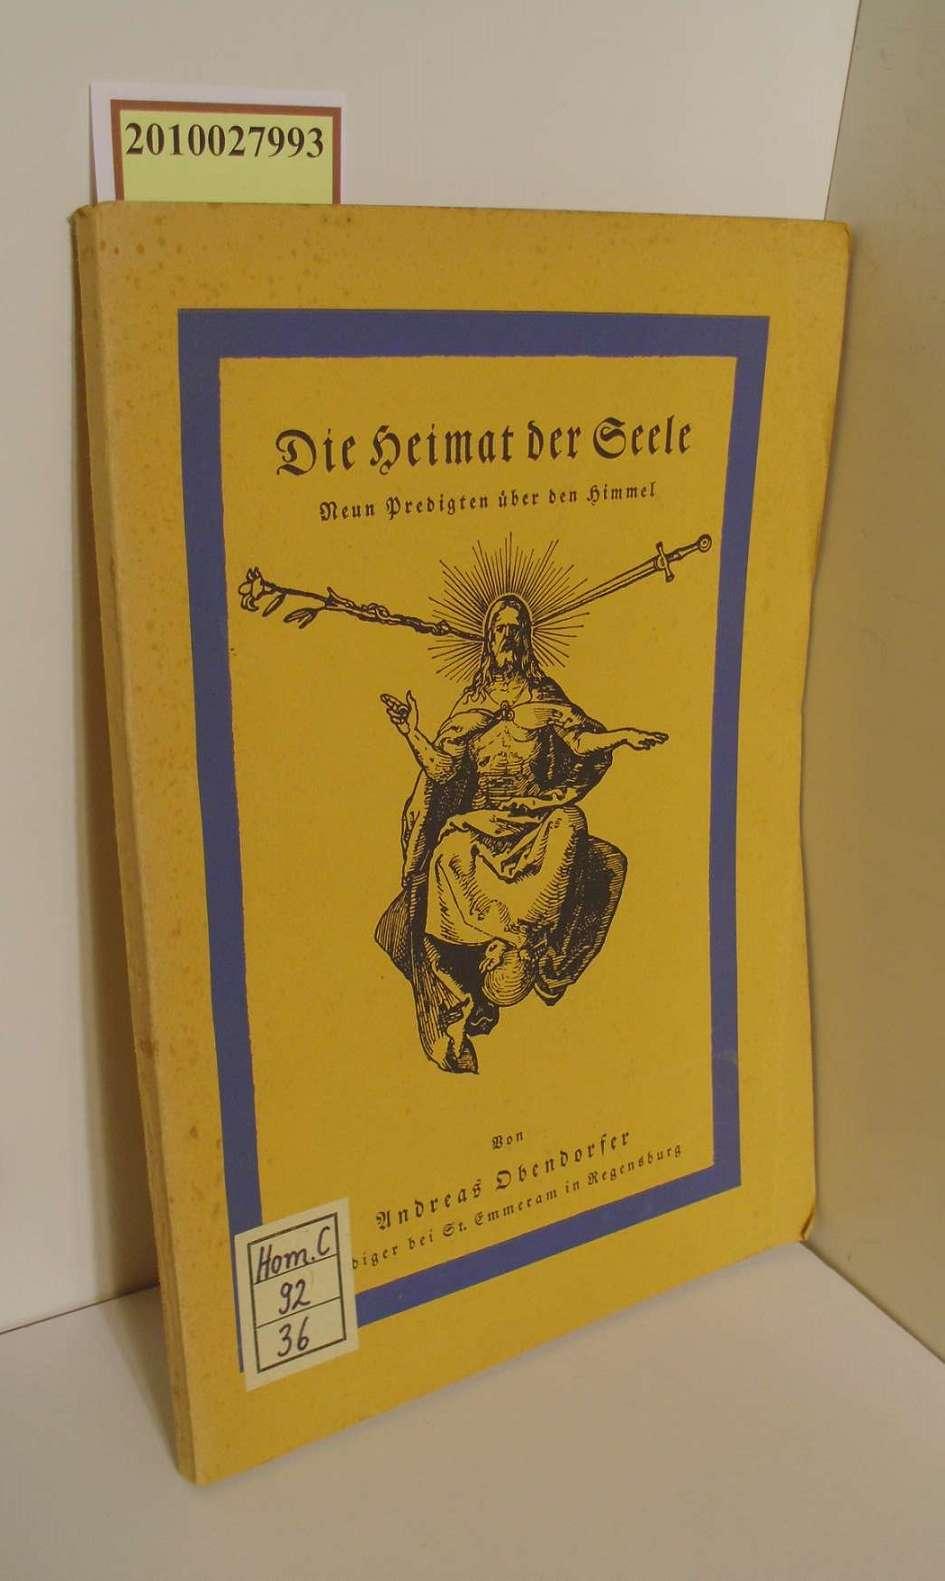 Die Heimat der Seele : 9 Predigten über d. Himmel / Andreas Obendorfer